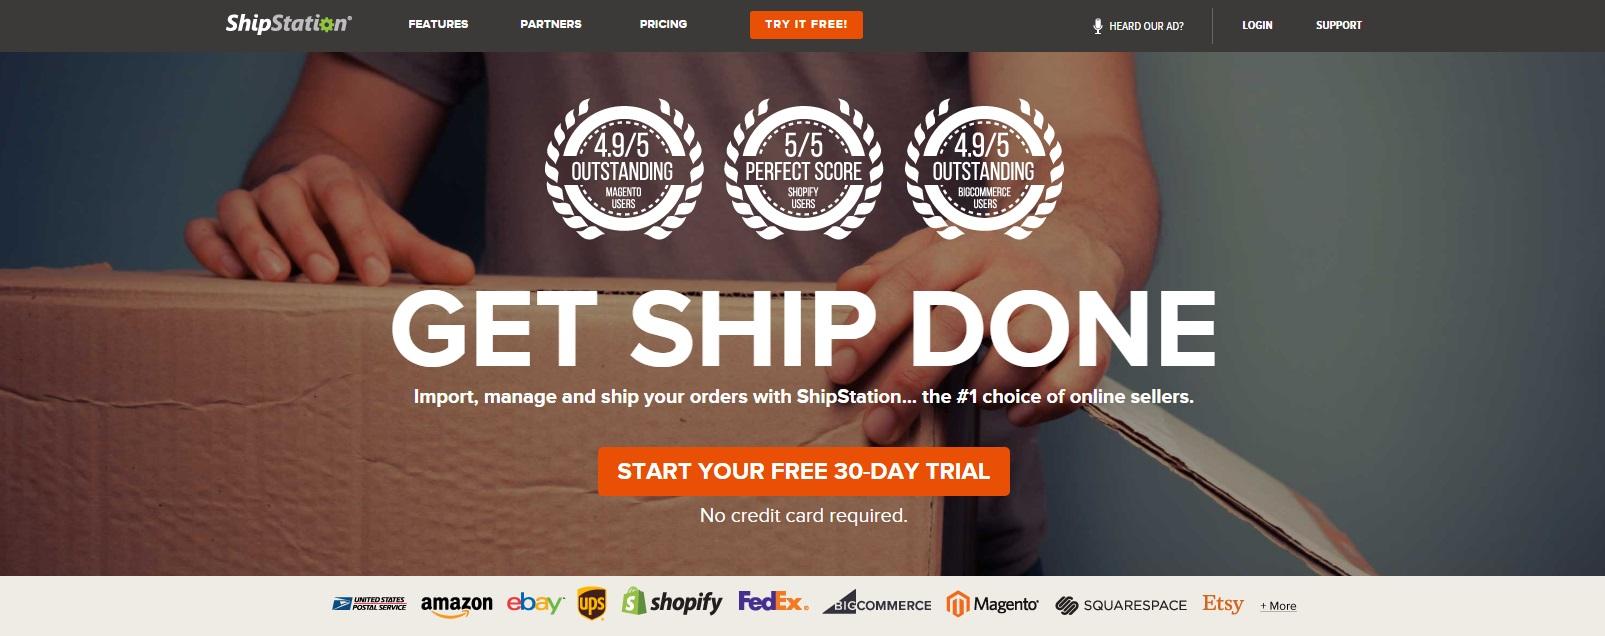 Shipstation eCommerce Shipping